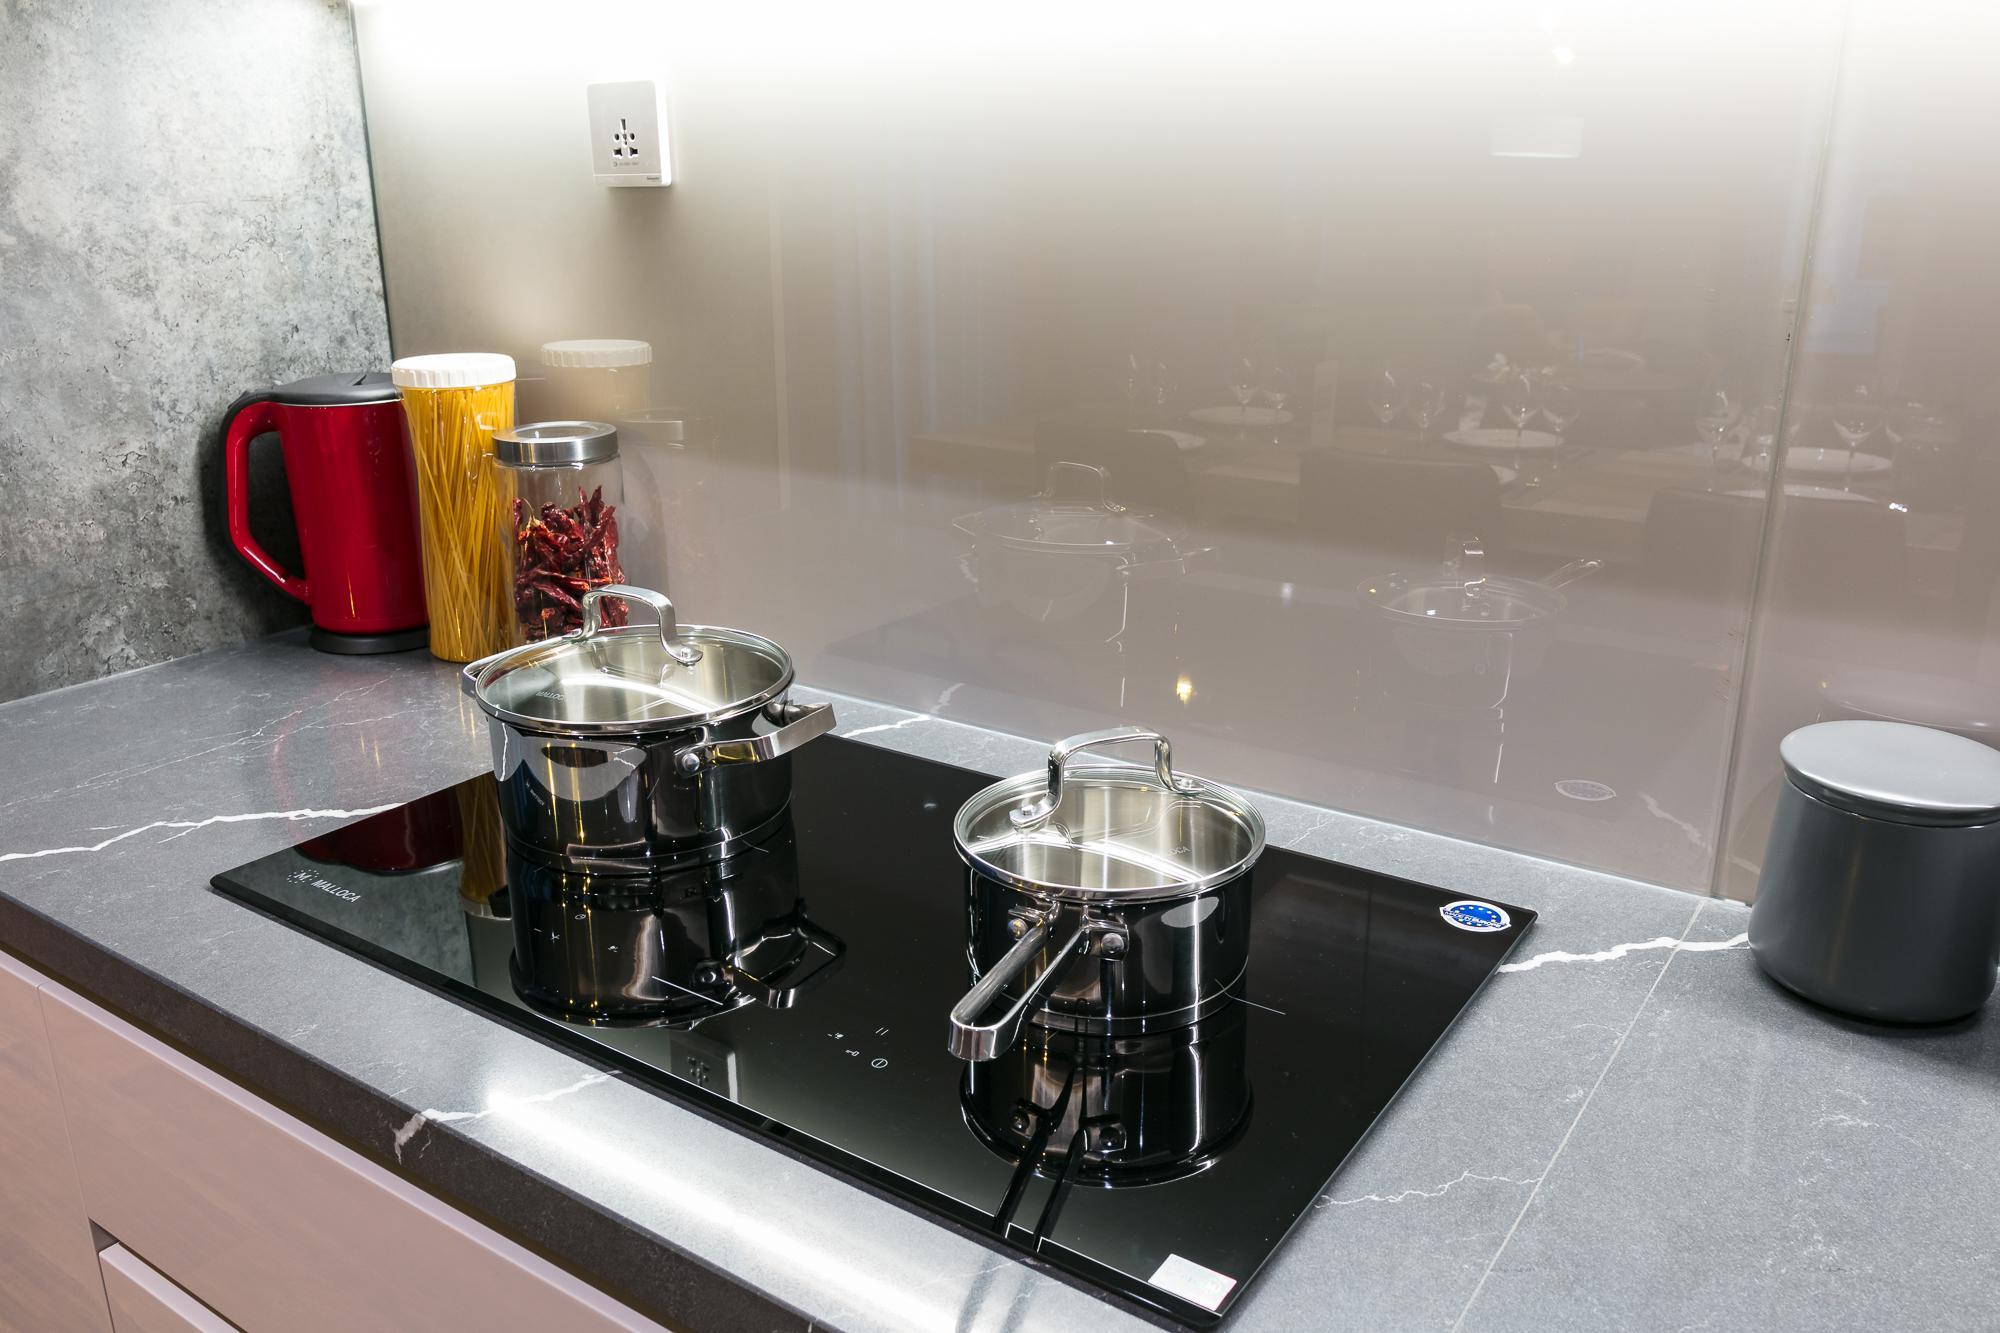 So sánh bếp từ và bếp hồng ngoại, nên dùng loại nào thì tốt hơn?